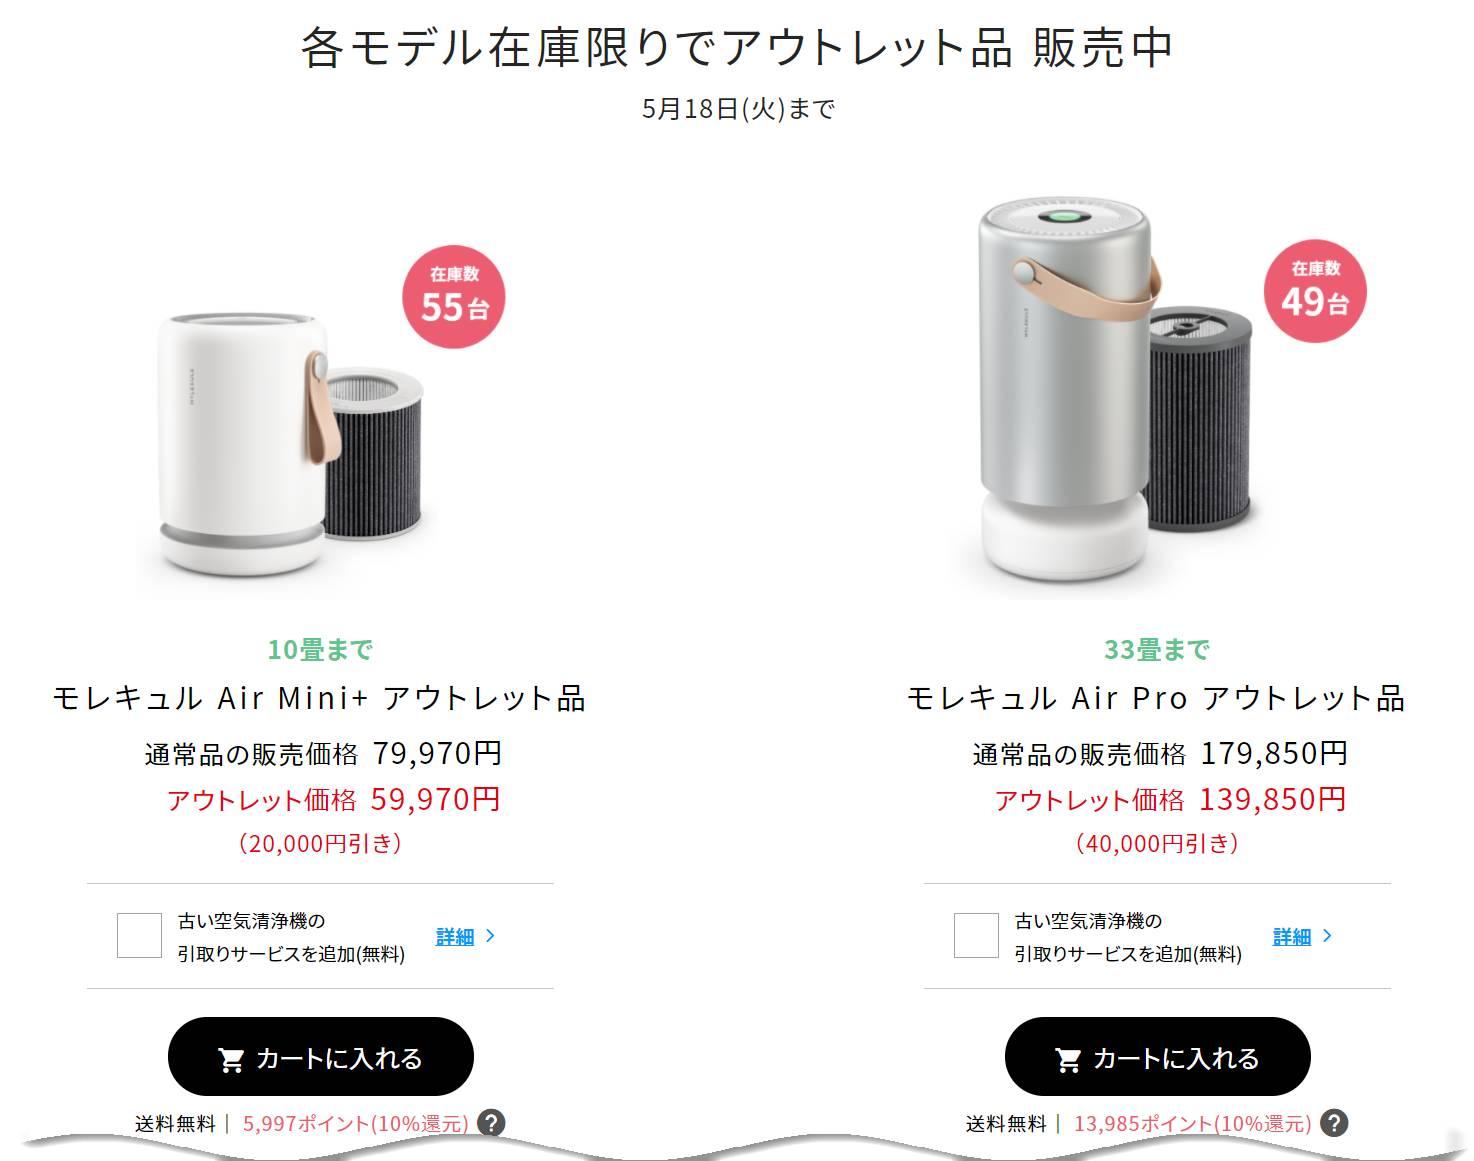 異色の空気清浄機「モレキュル Air Mini+」がアウトレット販売中